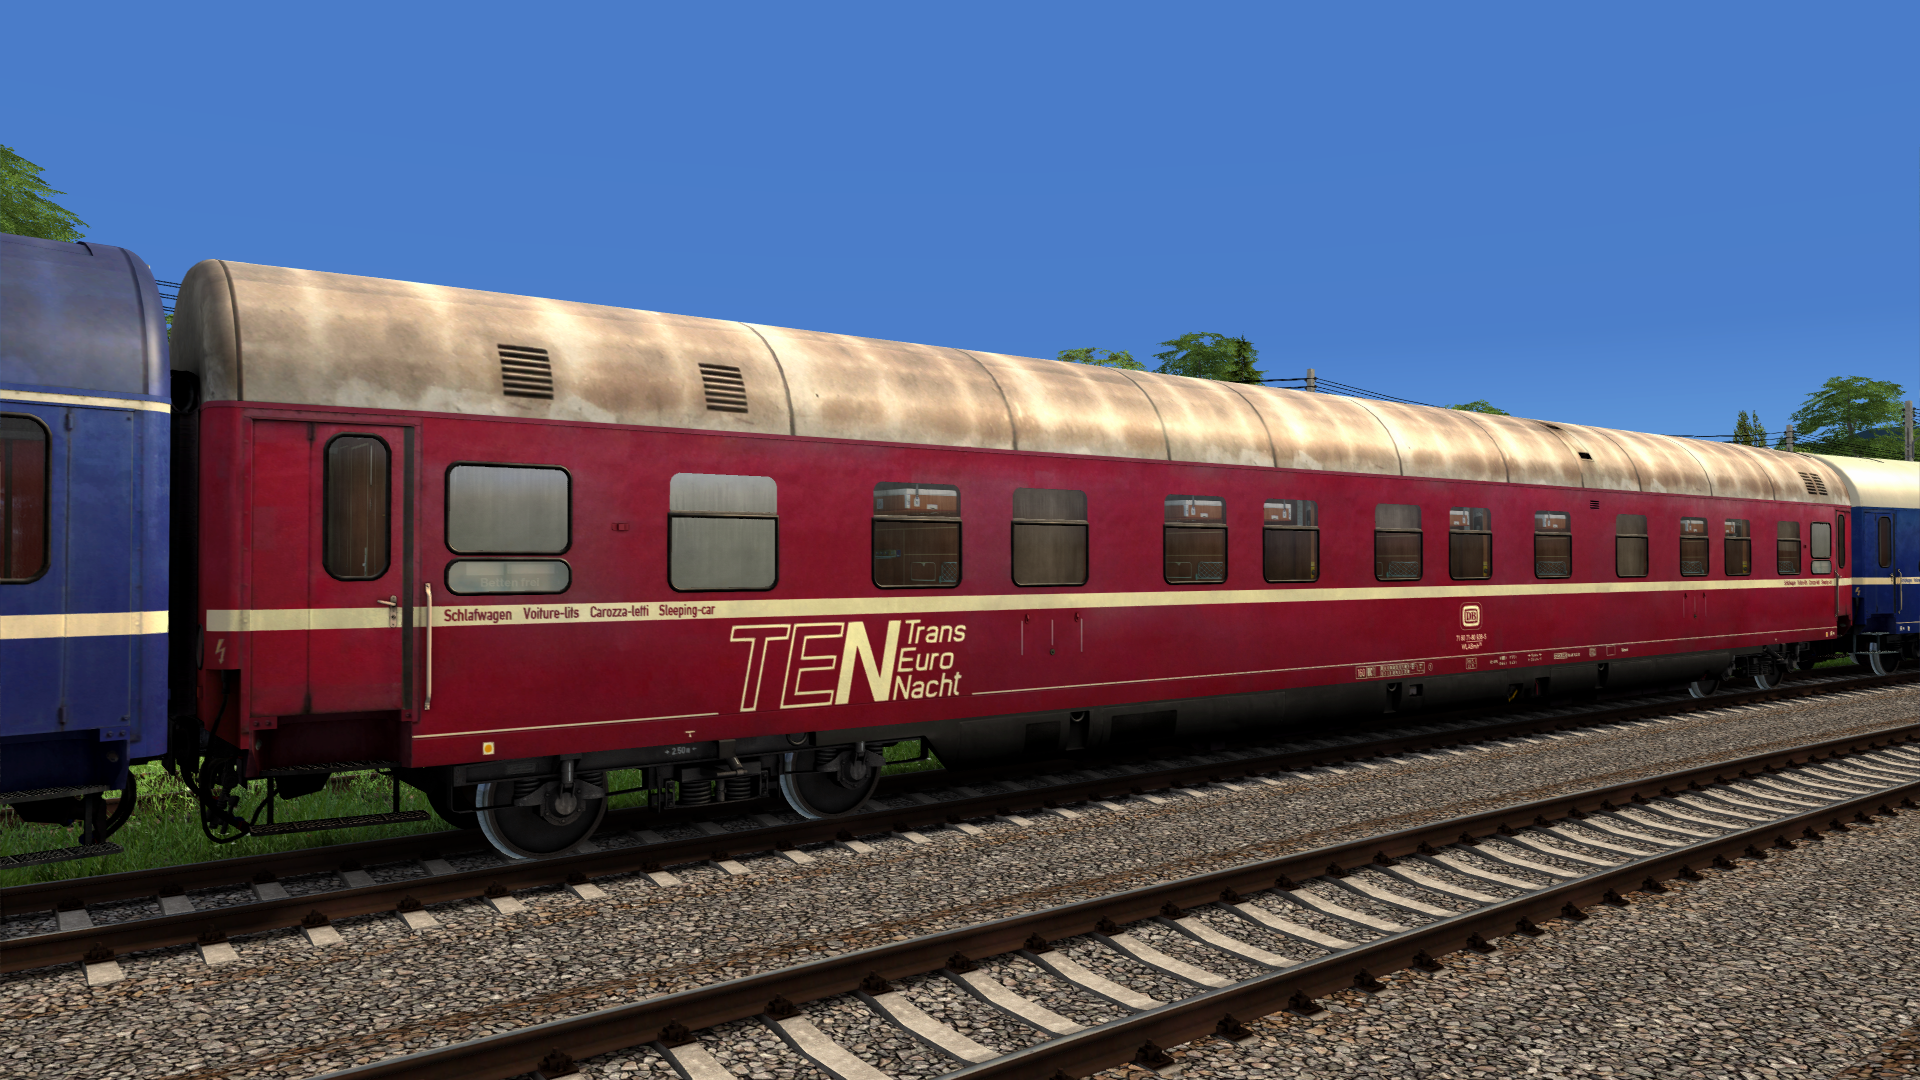 RailWorks64 2021-03-21 15-27-19